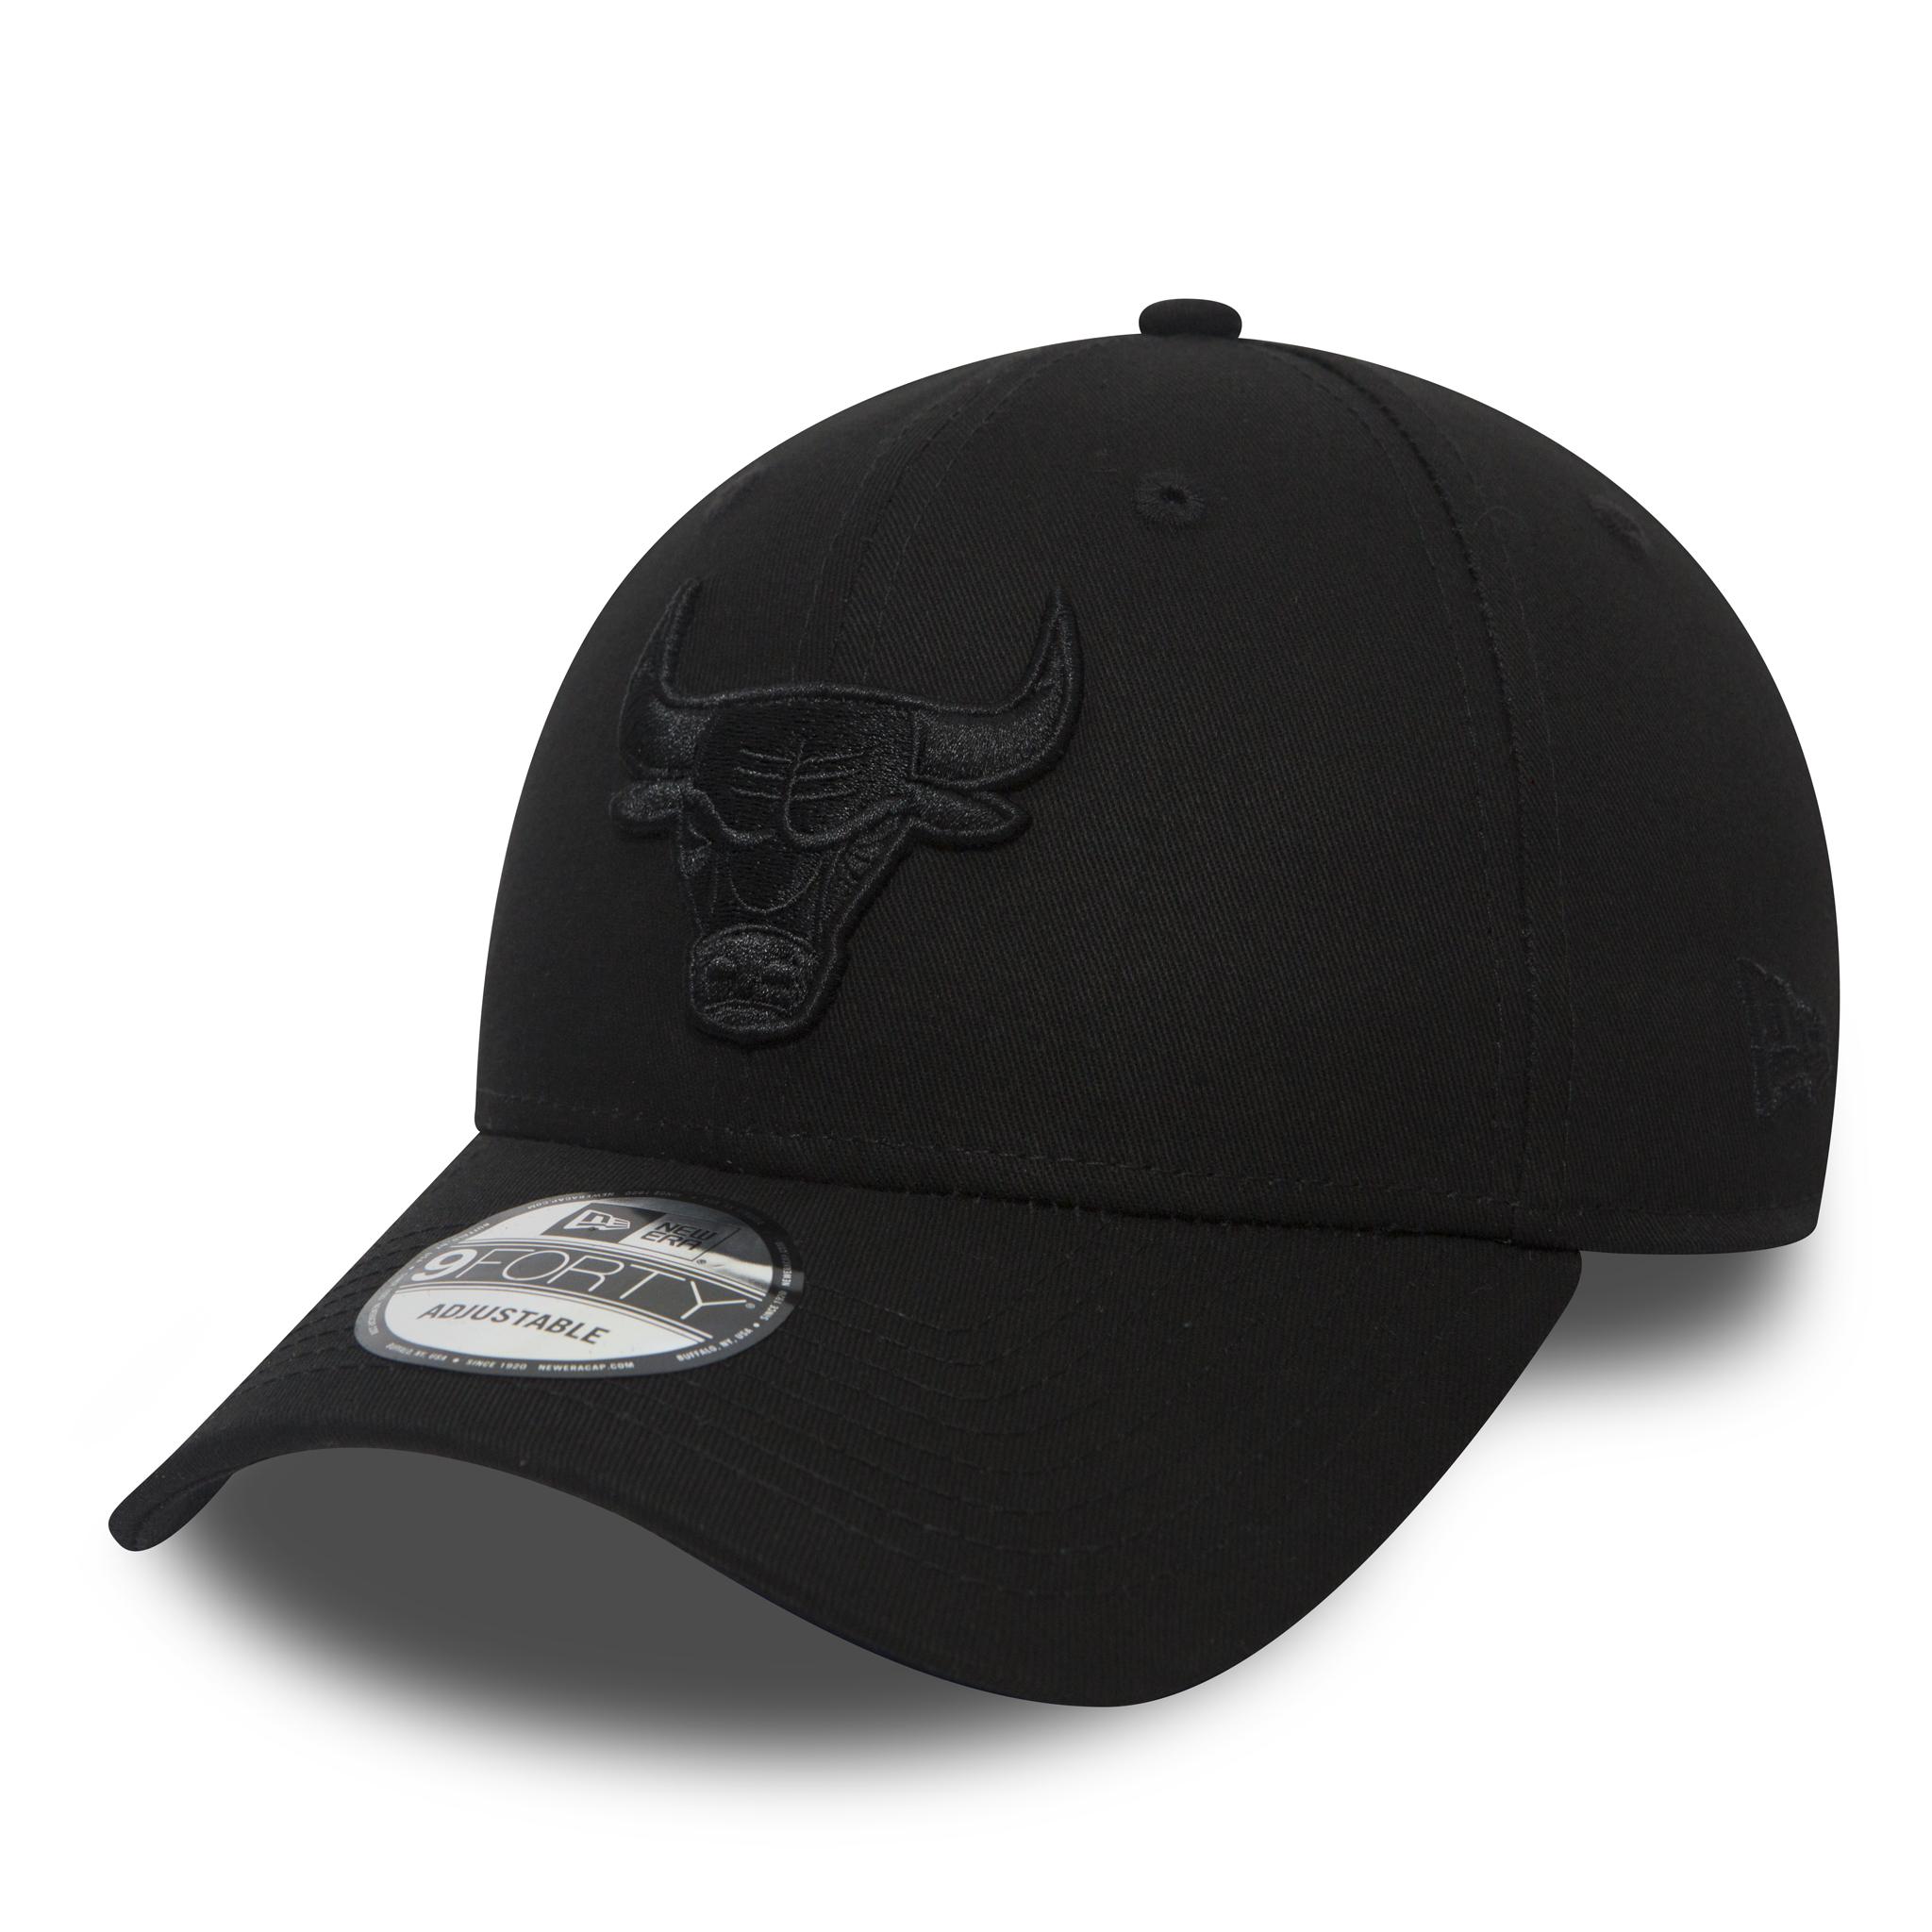 Chicago Bulls Black on Black 9FORTY